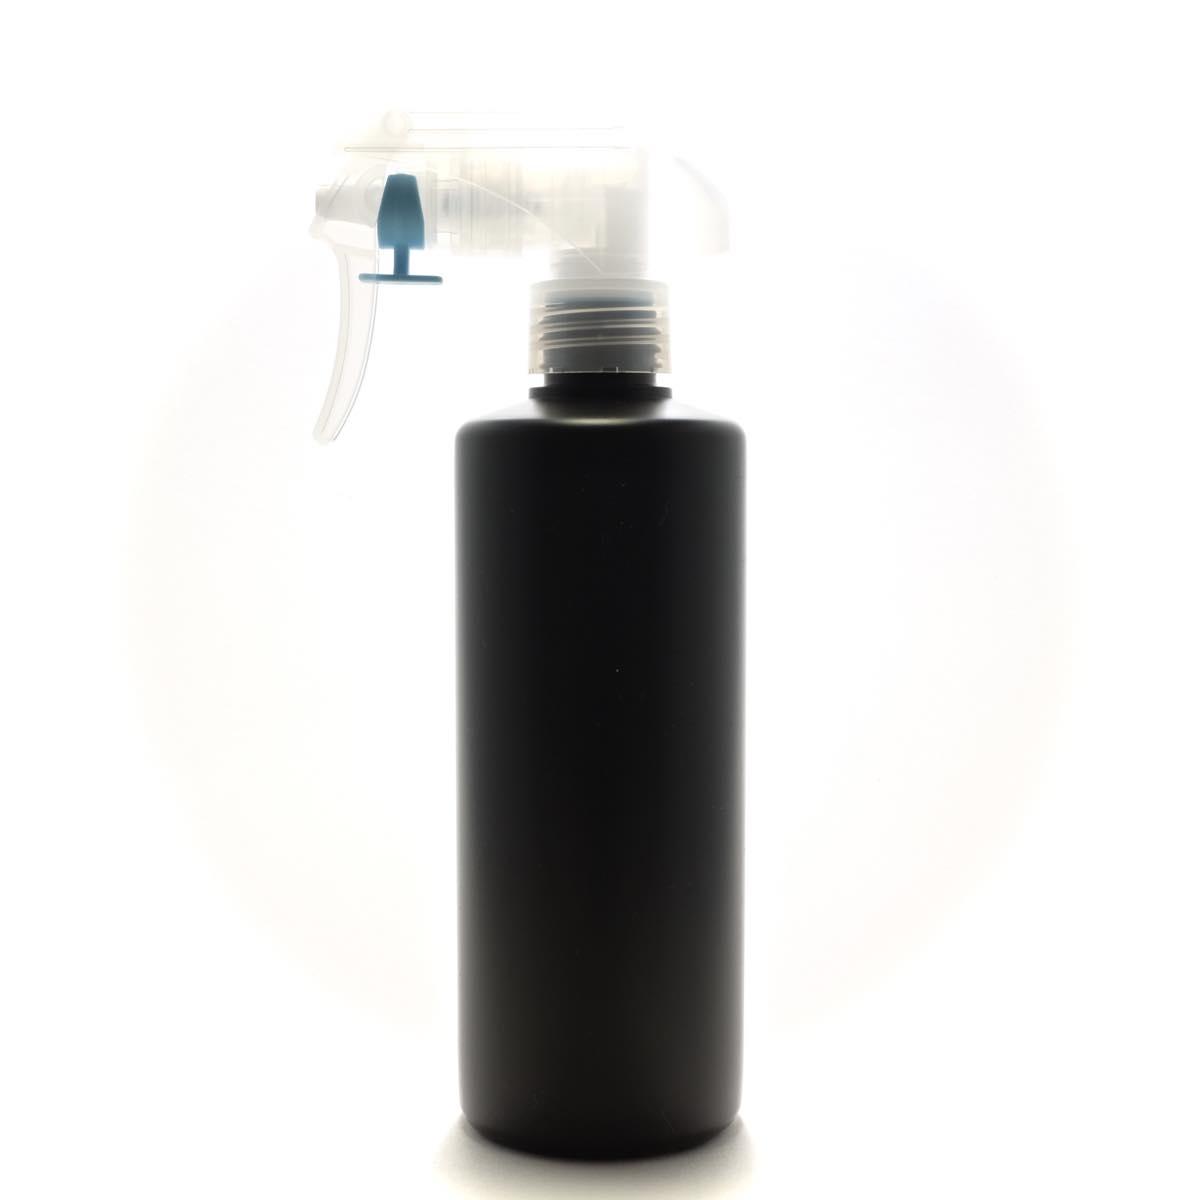 トリガースプレー 300mL 遮光黒 ストレートボトル【蓄圧式トリガースプレー】【380個入り/ロット 送料無料】